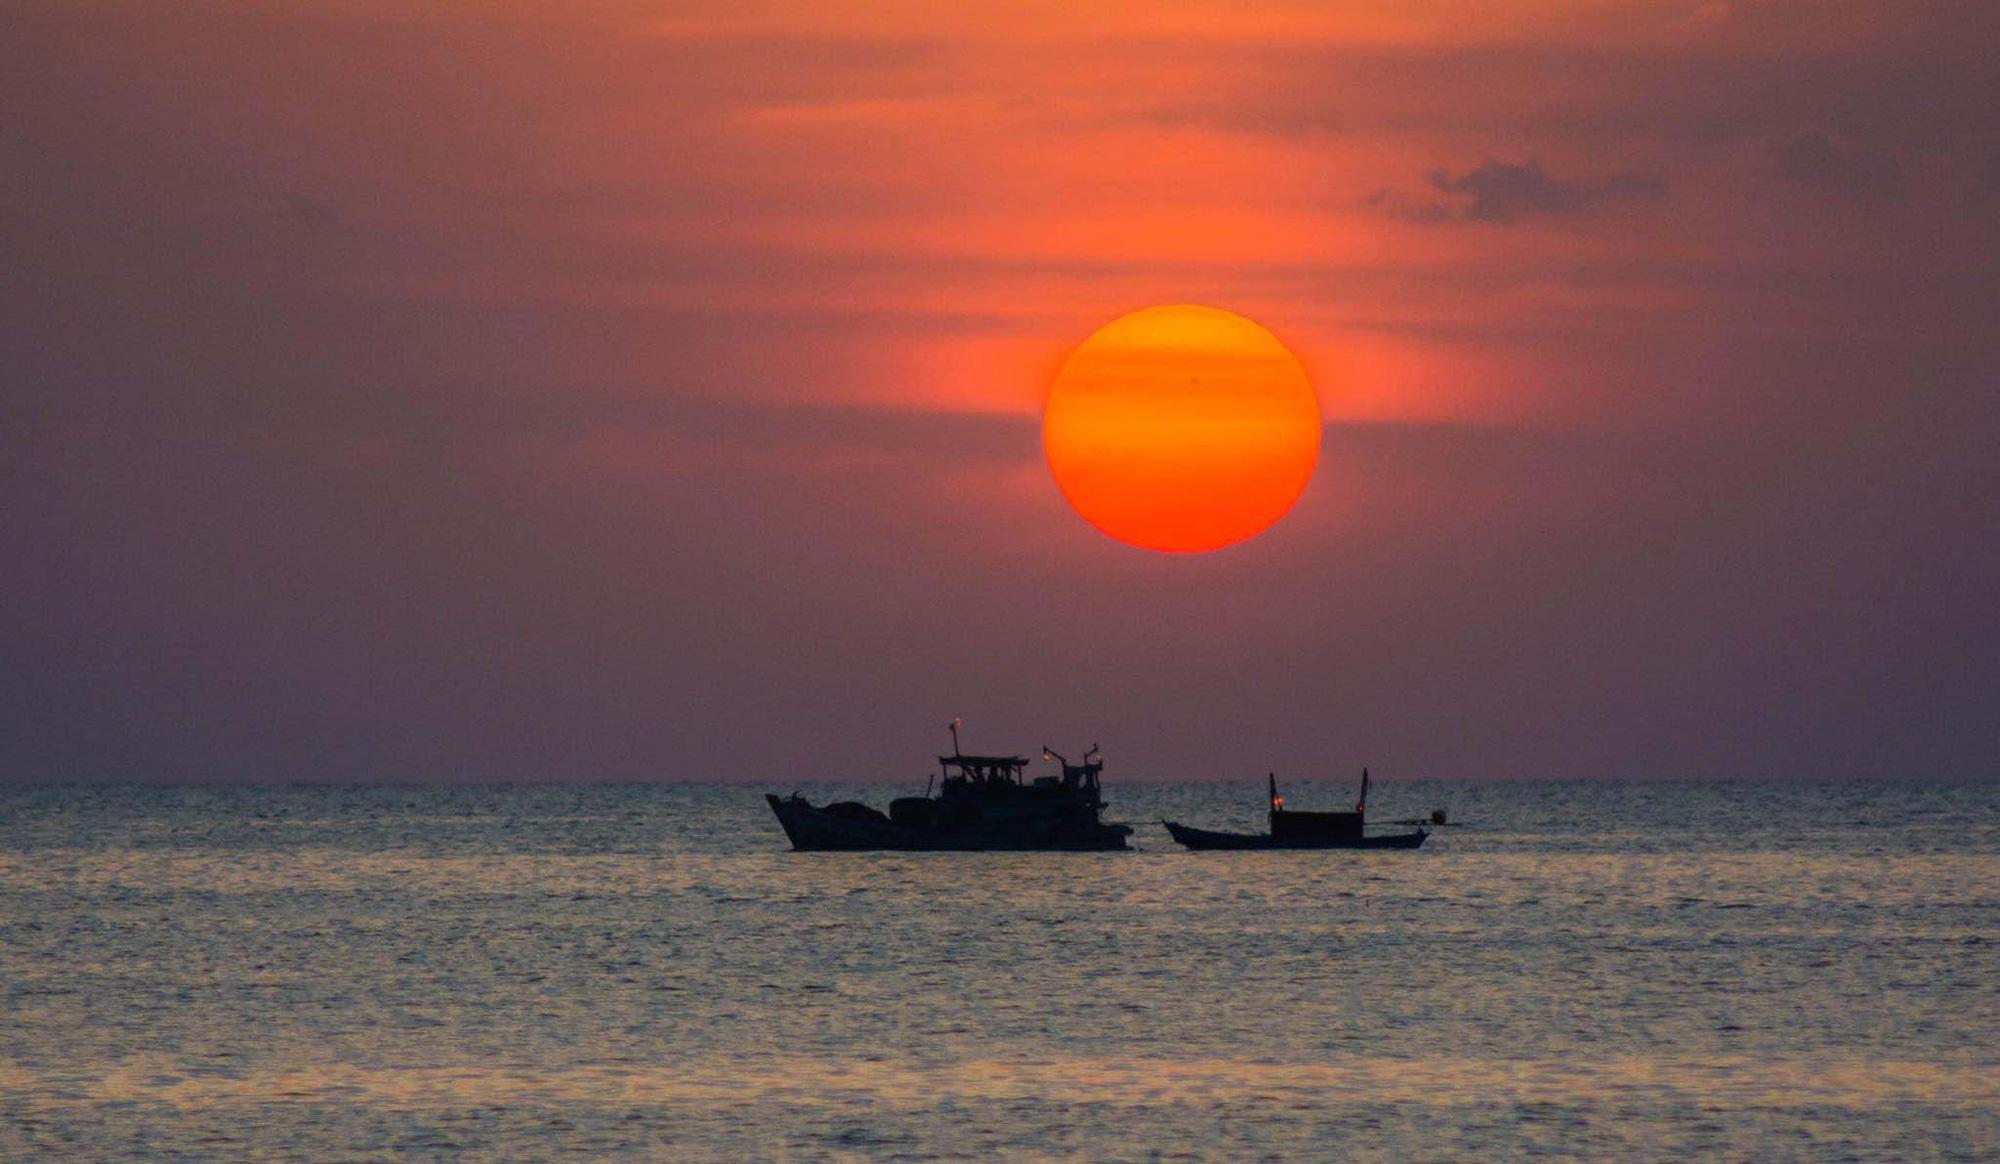 Du lịch Phú Quốc: Câu mực đêm có gì hay mà nhiều du khách muốn trải nghiệm? - Ảnh 6.